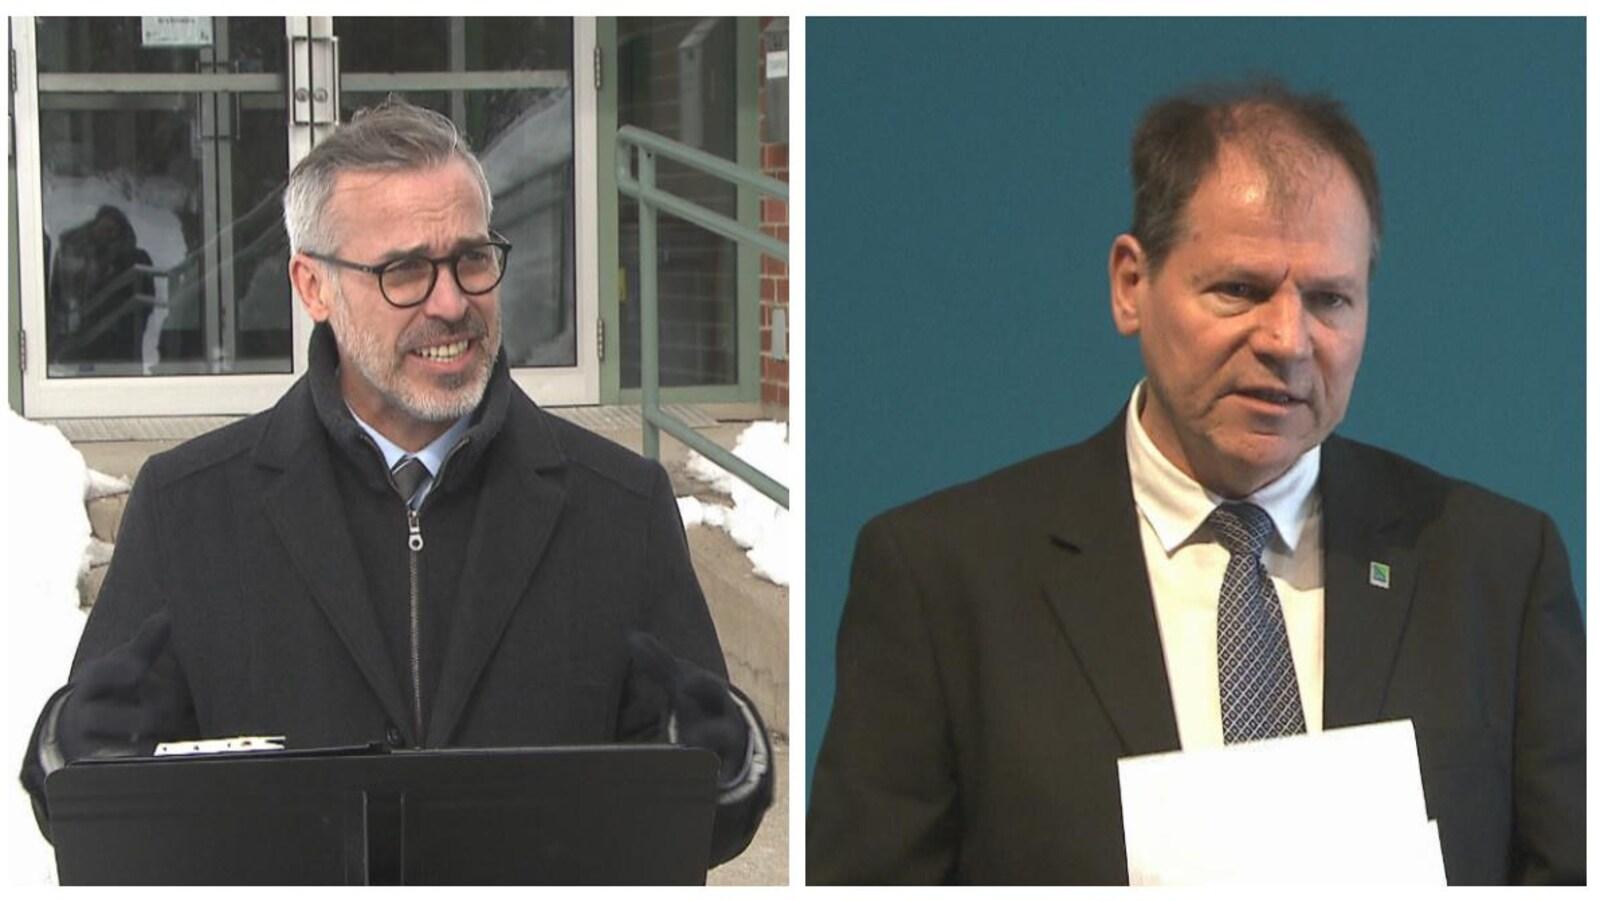 Les visages des deux candidats